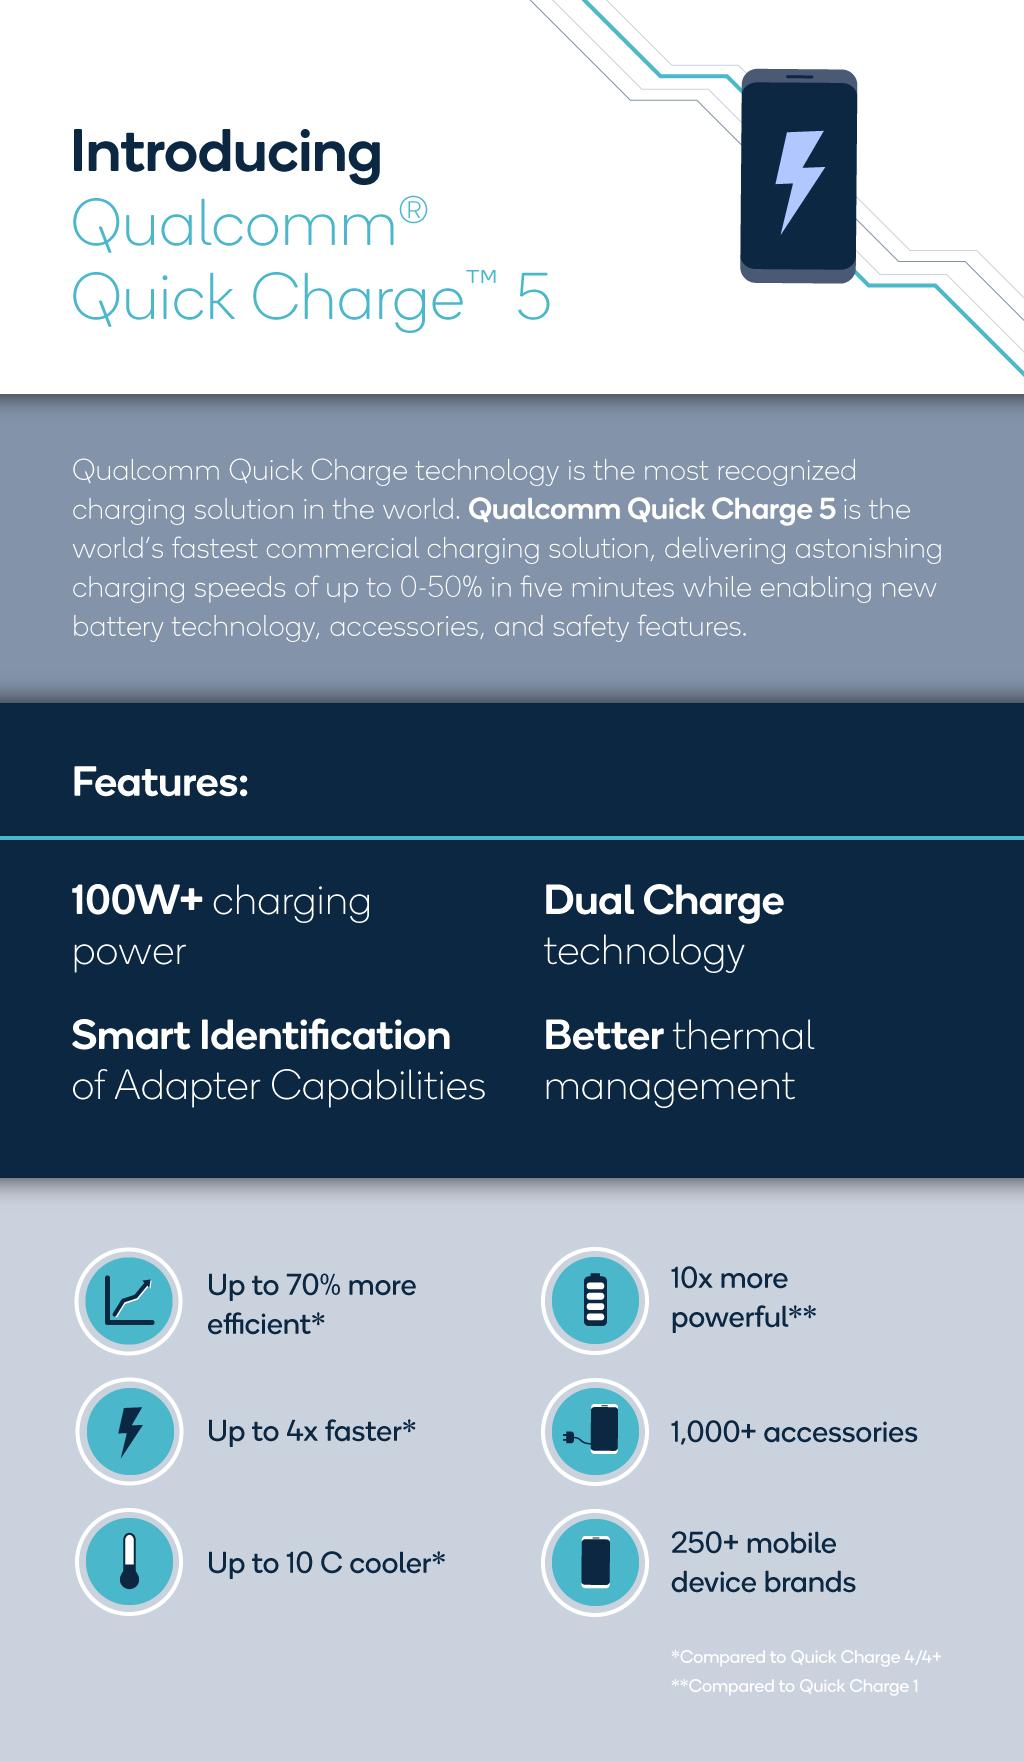 Công nghệ sạc nhanh Quick Charge 5 sạc đầy pin chỉ trong 15 phút